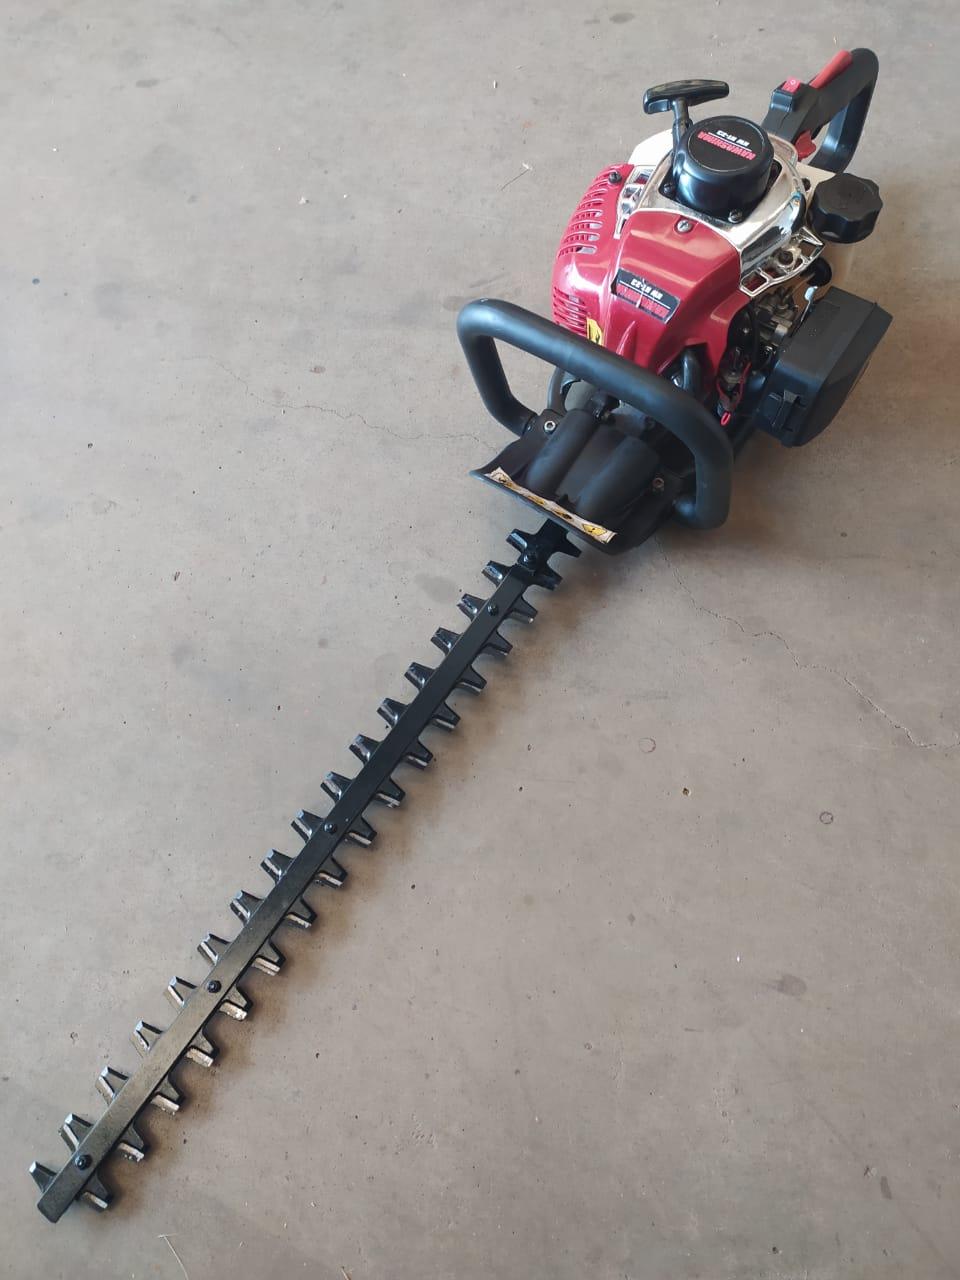 Aparador Podador Cerca Viva Motor Gasolina 2t Kawashima Ht23 Usado